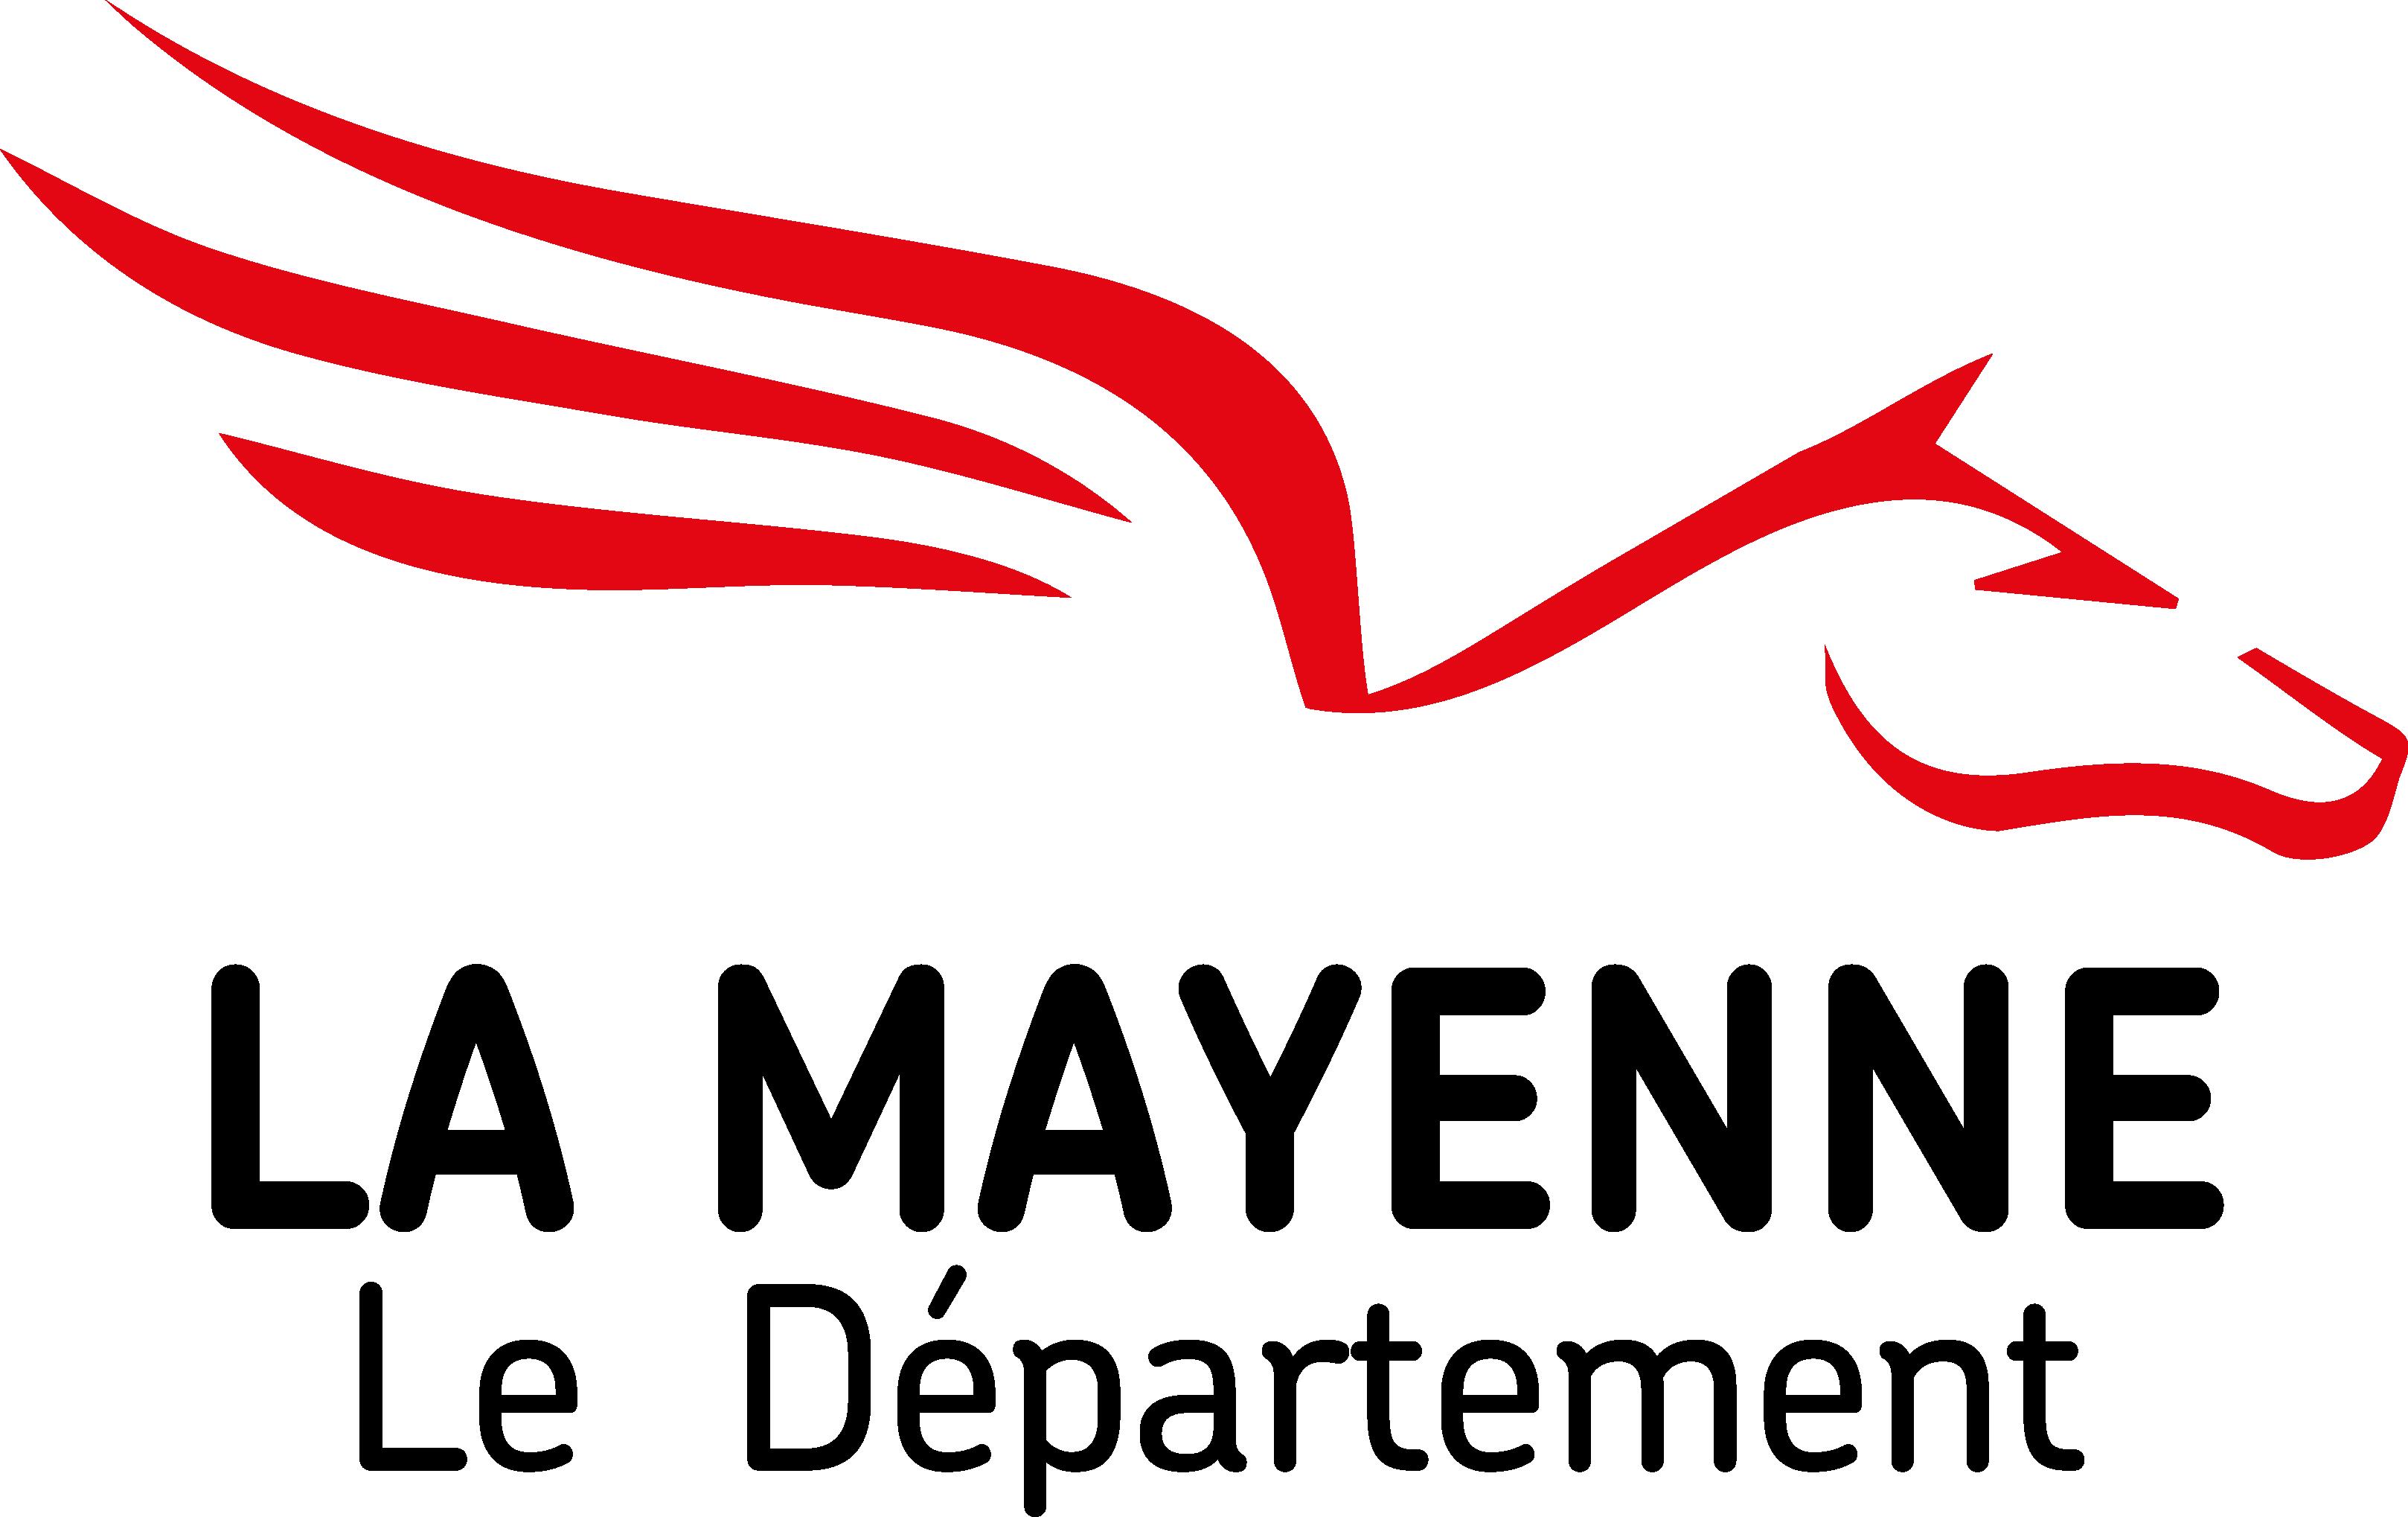 La_Mayenne_le_Departement_CMJN